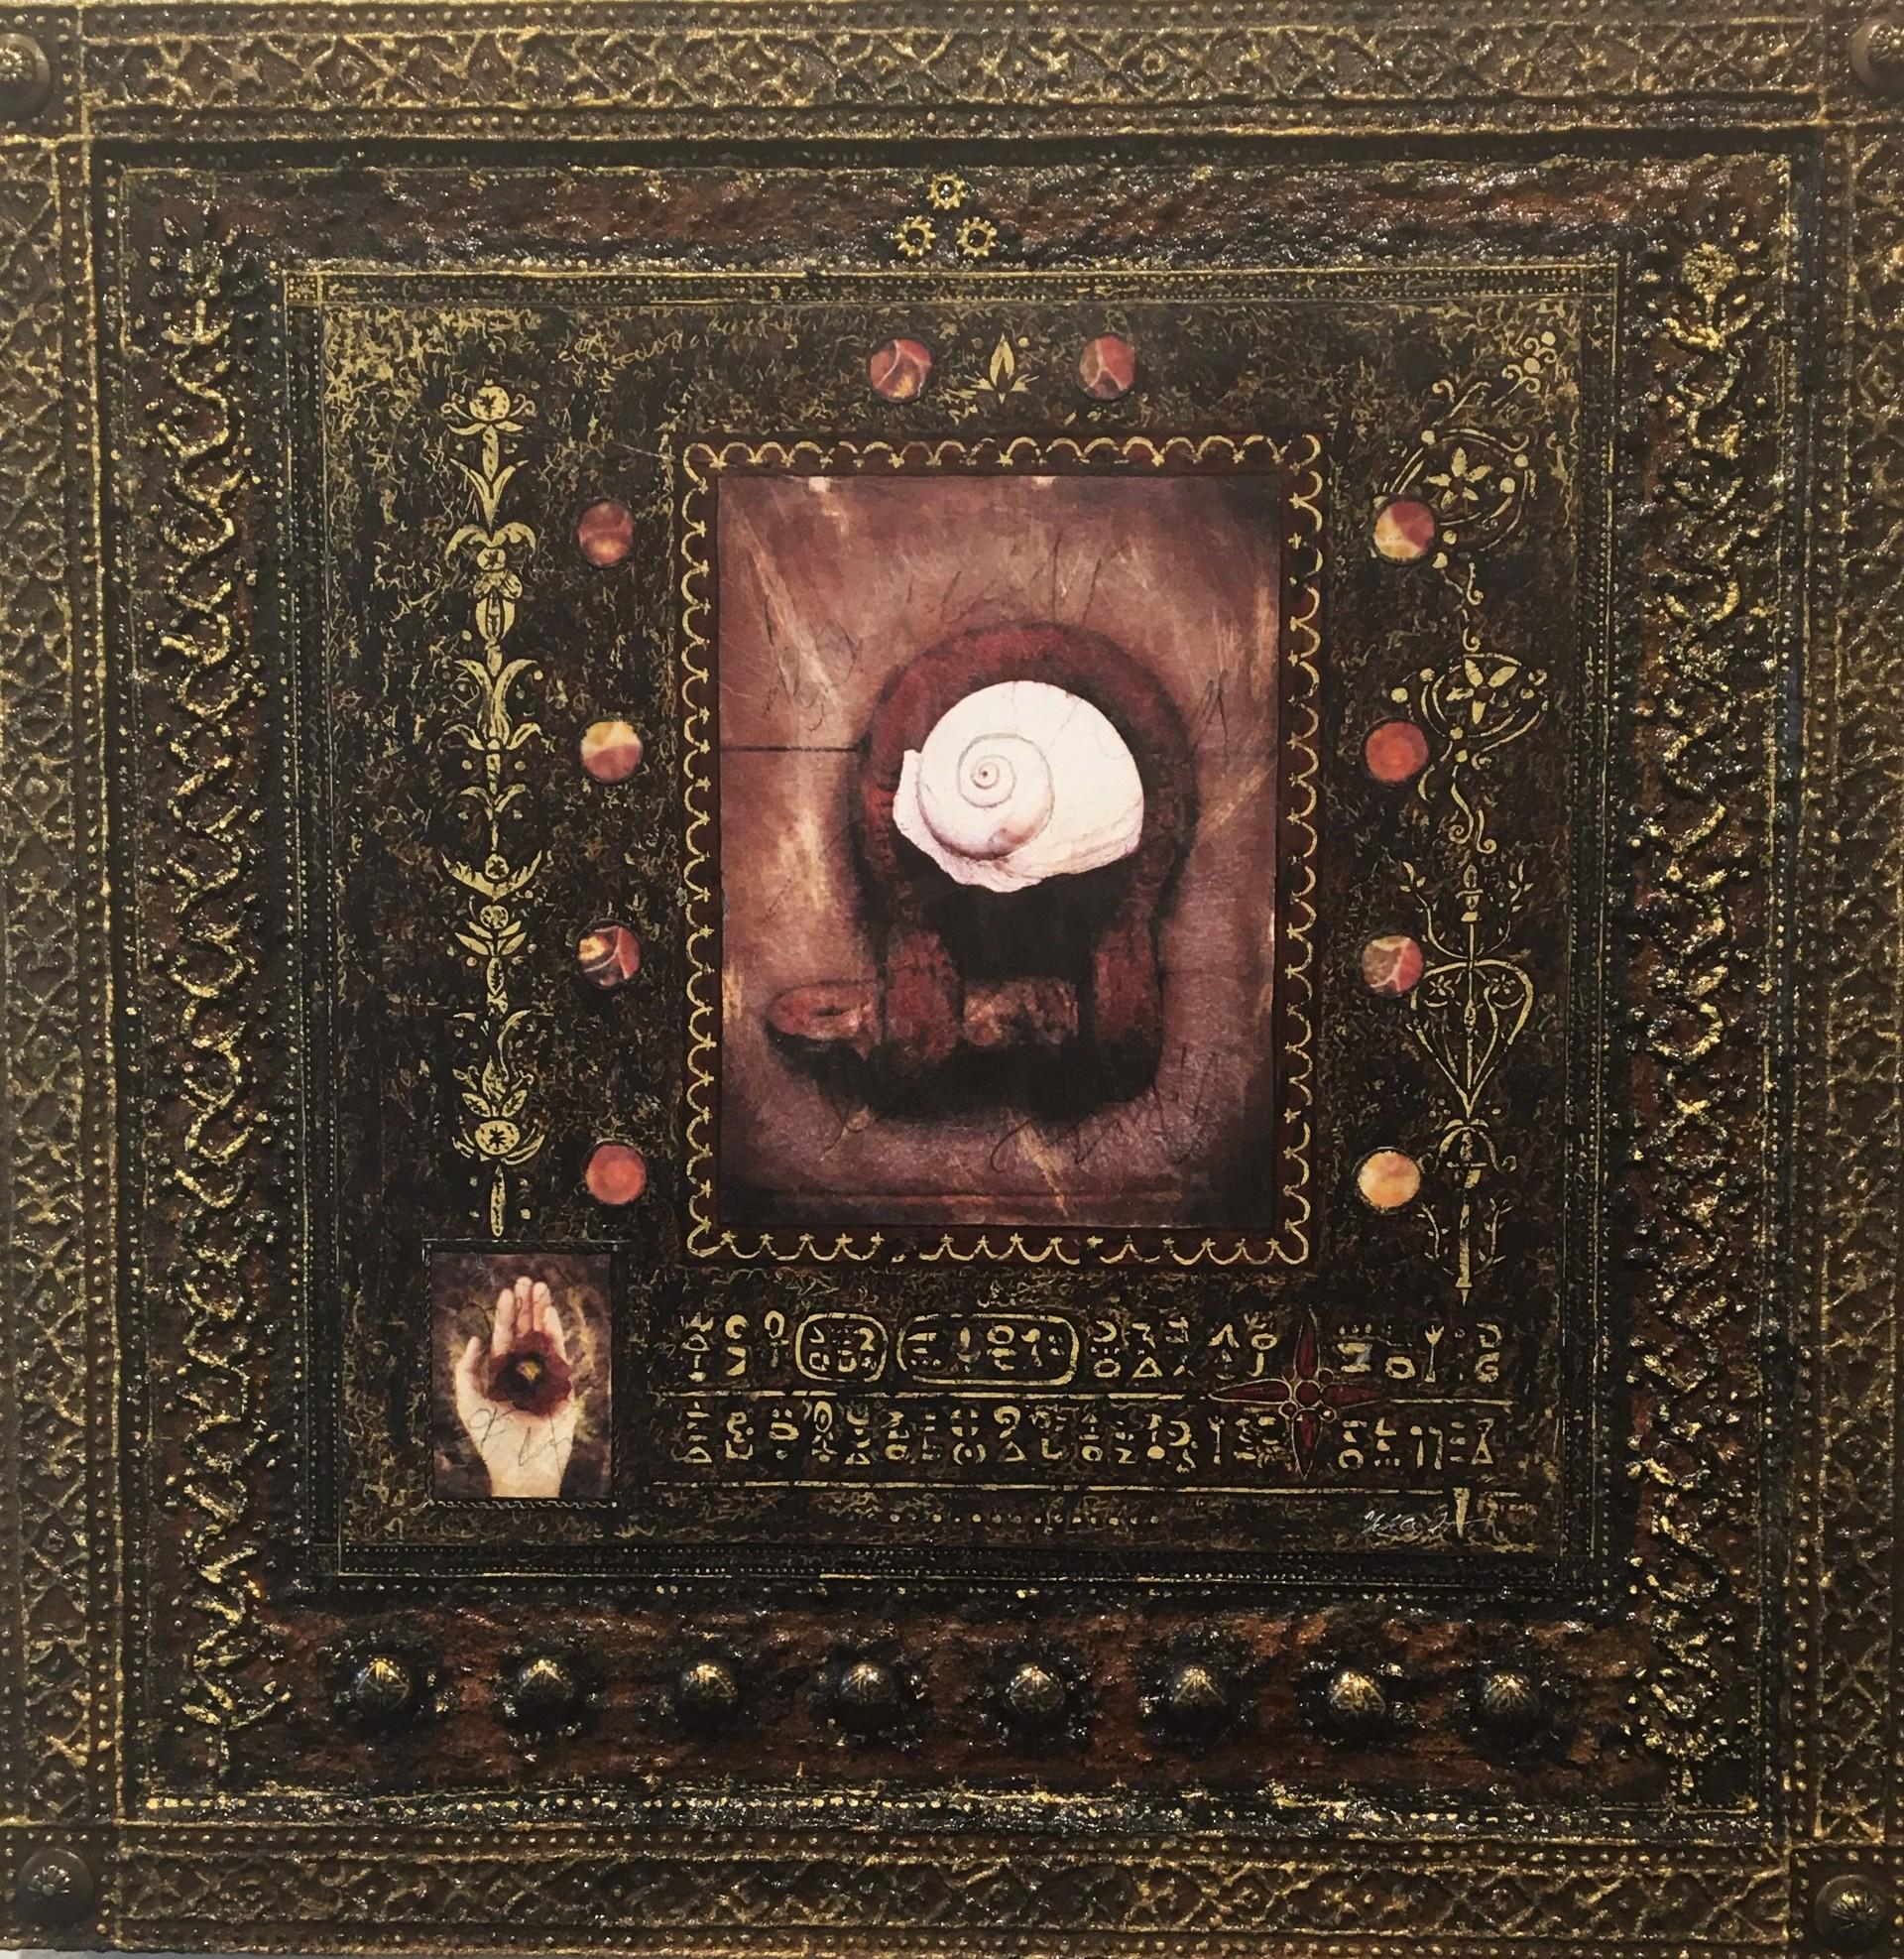 Journal - Summertime by Yuko Ishii